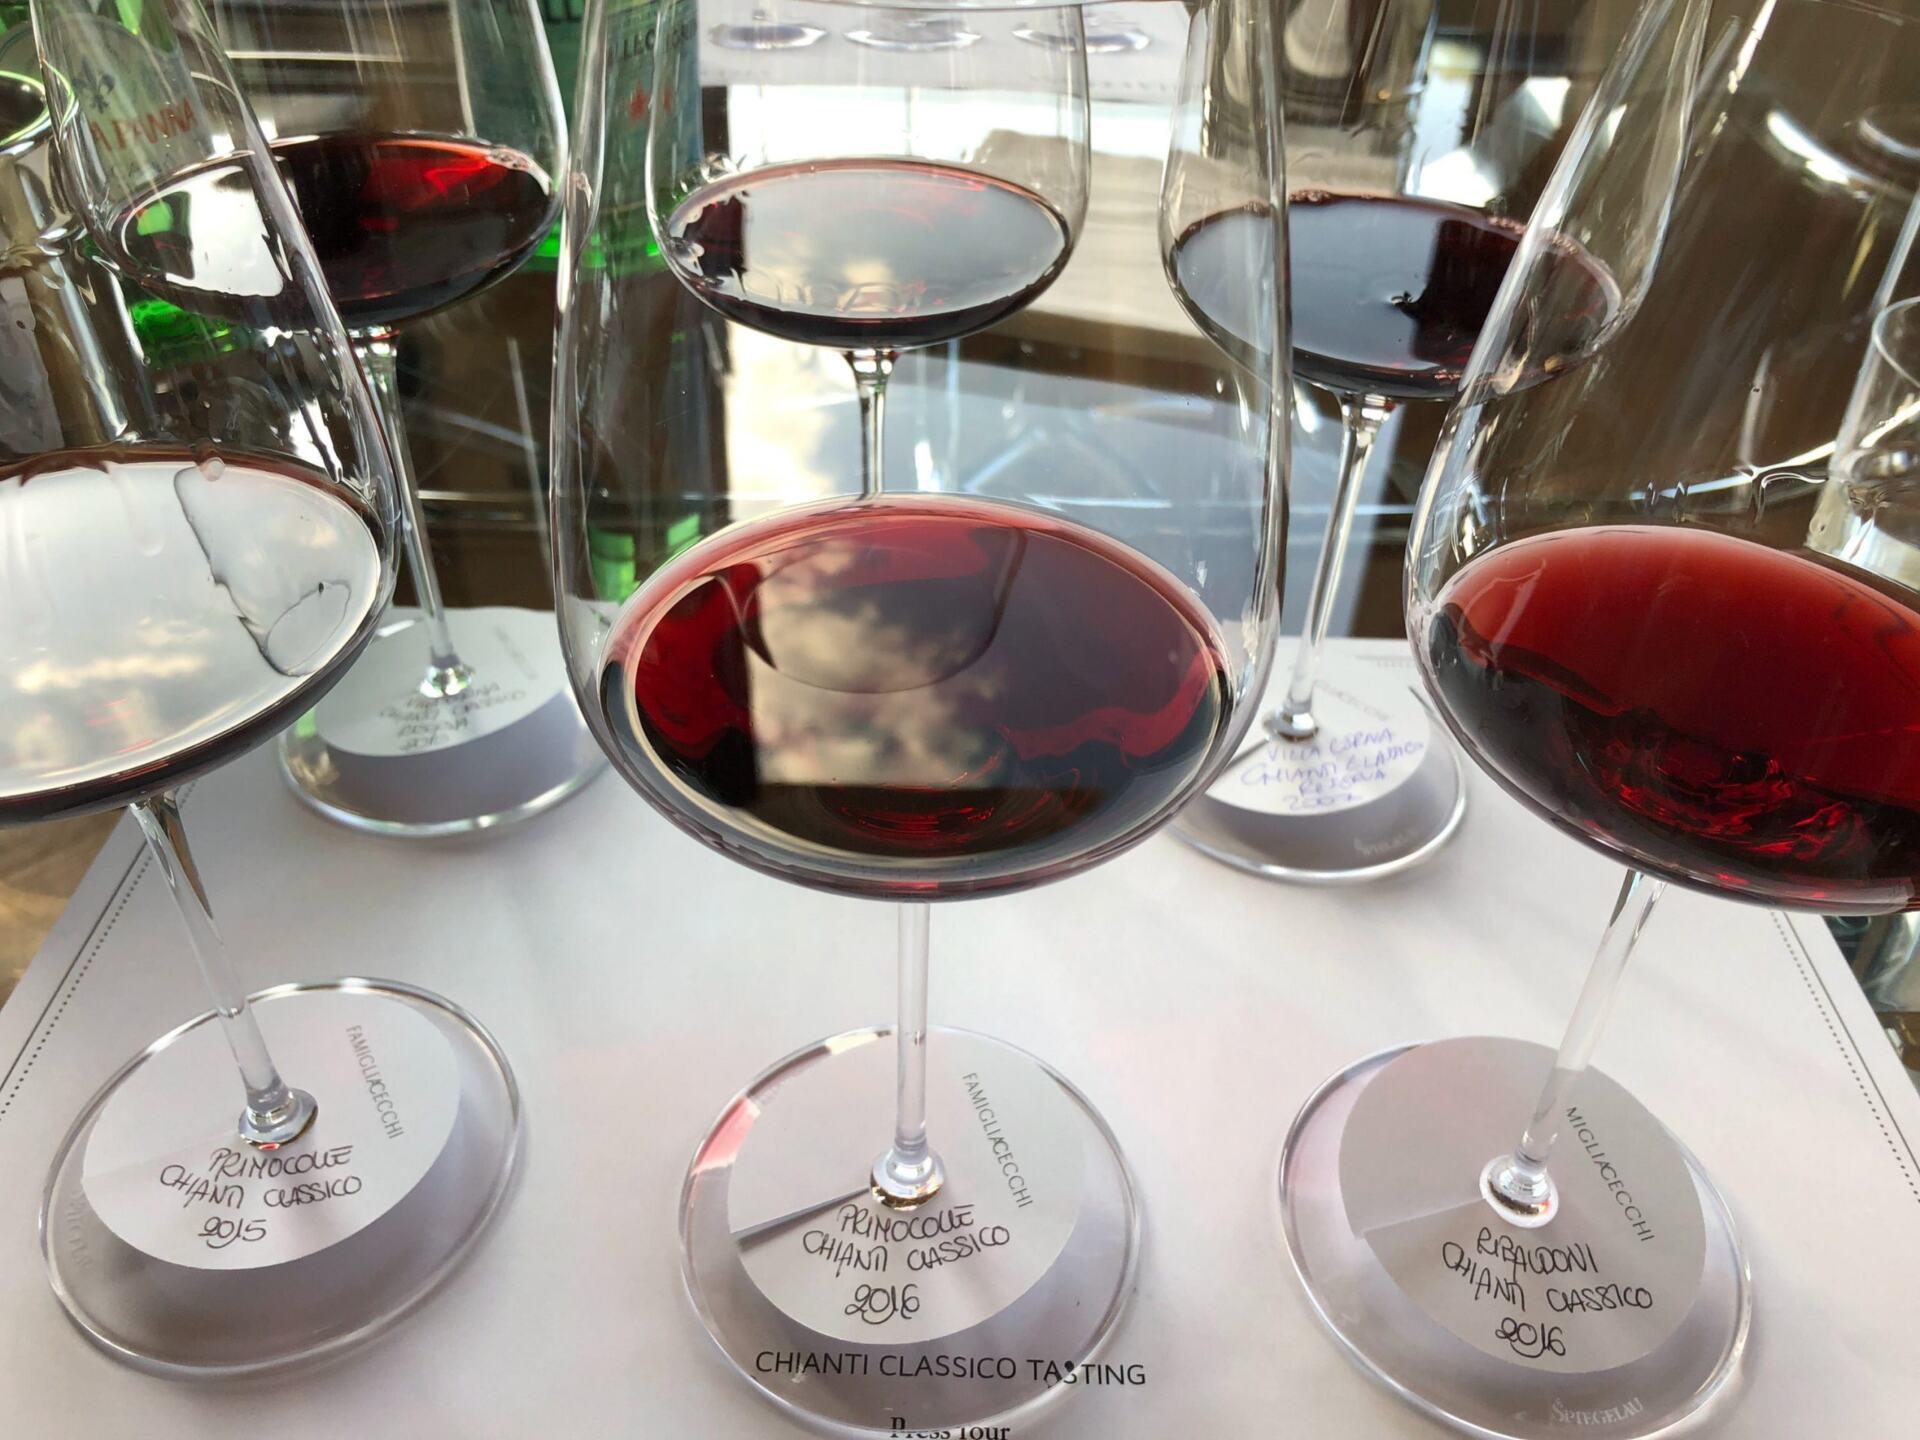 Cecchi wines in the glass